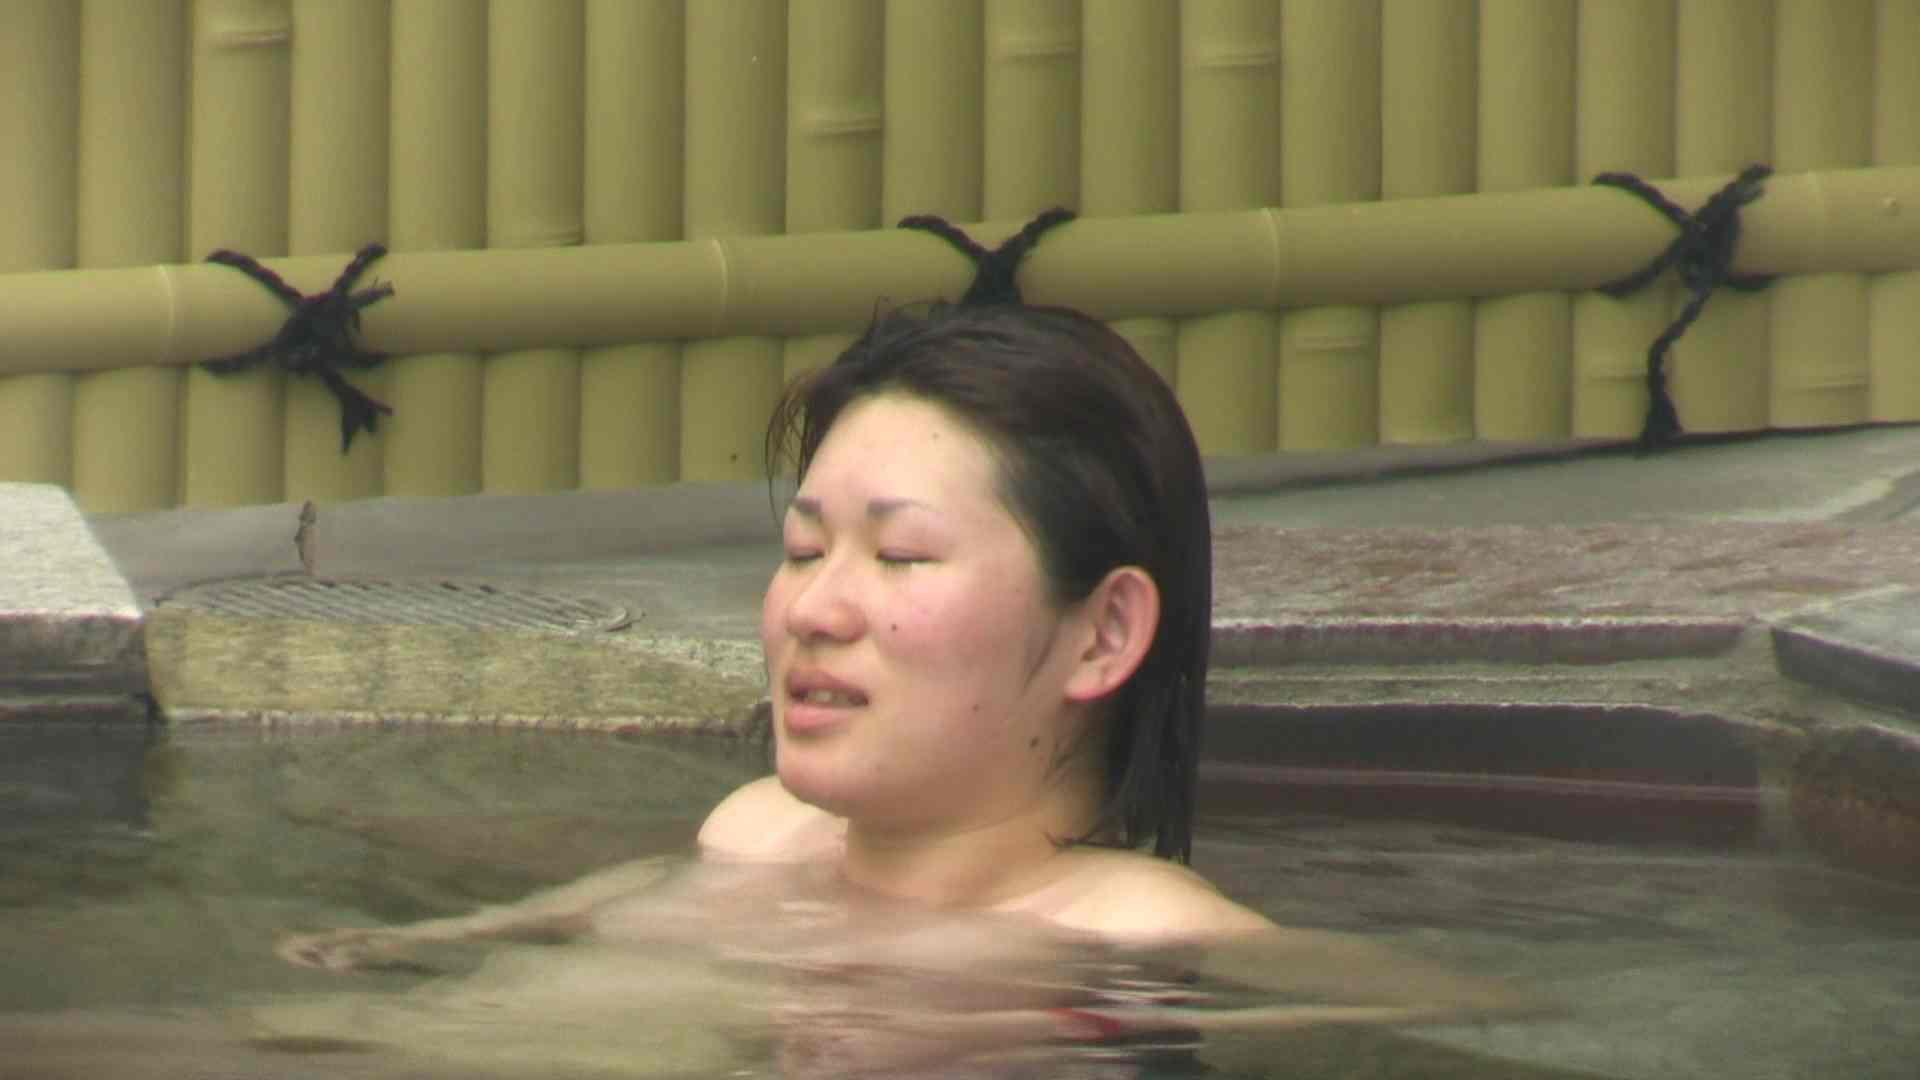 Aquaな露天風呂Vol.673 OLエロ画像 | 盗撮  104PICs 55